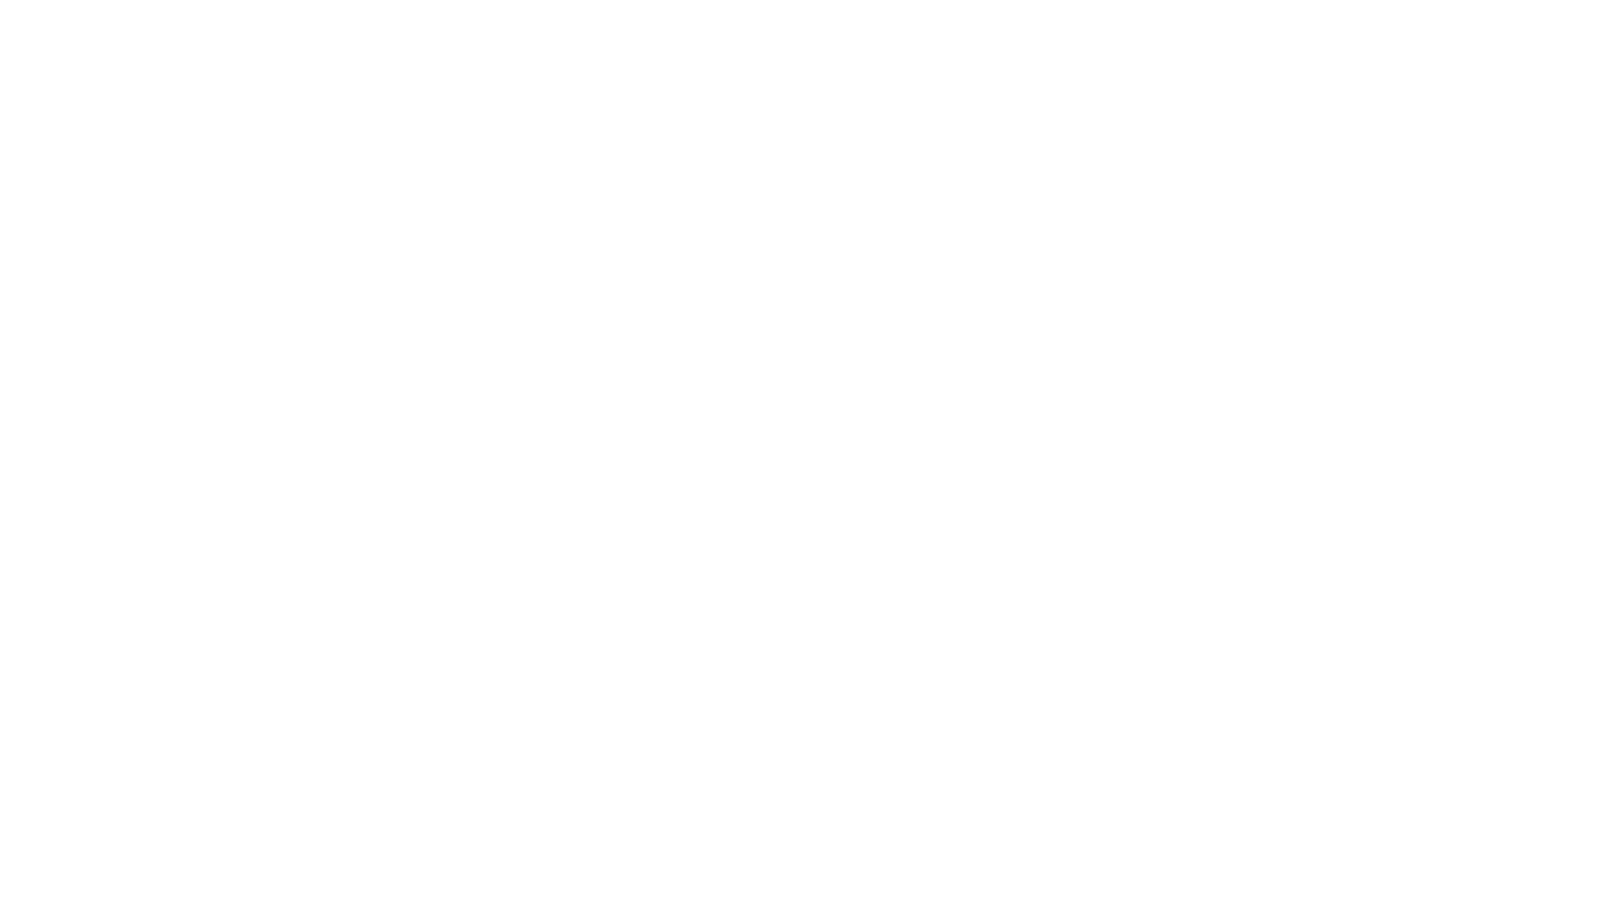 """LIVE Interview a equipo ganador del concurso """"Mejor Spot del Día de la Madre 2020"""" realizado en Insights Media.  Con casi 600 de 1800 votos entre 8 spots elegidos, el equipo de Sanofi Latam, Maruri Grey y las productoras TownHouse Latam y Magic Estudio se llevaron la victoria.  En esta entrevista algunos de los talentos detrás del spot, nos relatan los desafíos y aprendizajes detrás de la realización del comercial, durante una estricta cuarentena.  La entrevista moderada por Andrea Serrano, Editora Ejecutiva de Insights, nos permite tener una visión del espectacular nivel de trabajo que existe en la industria de la comunicación del Ecuador."""